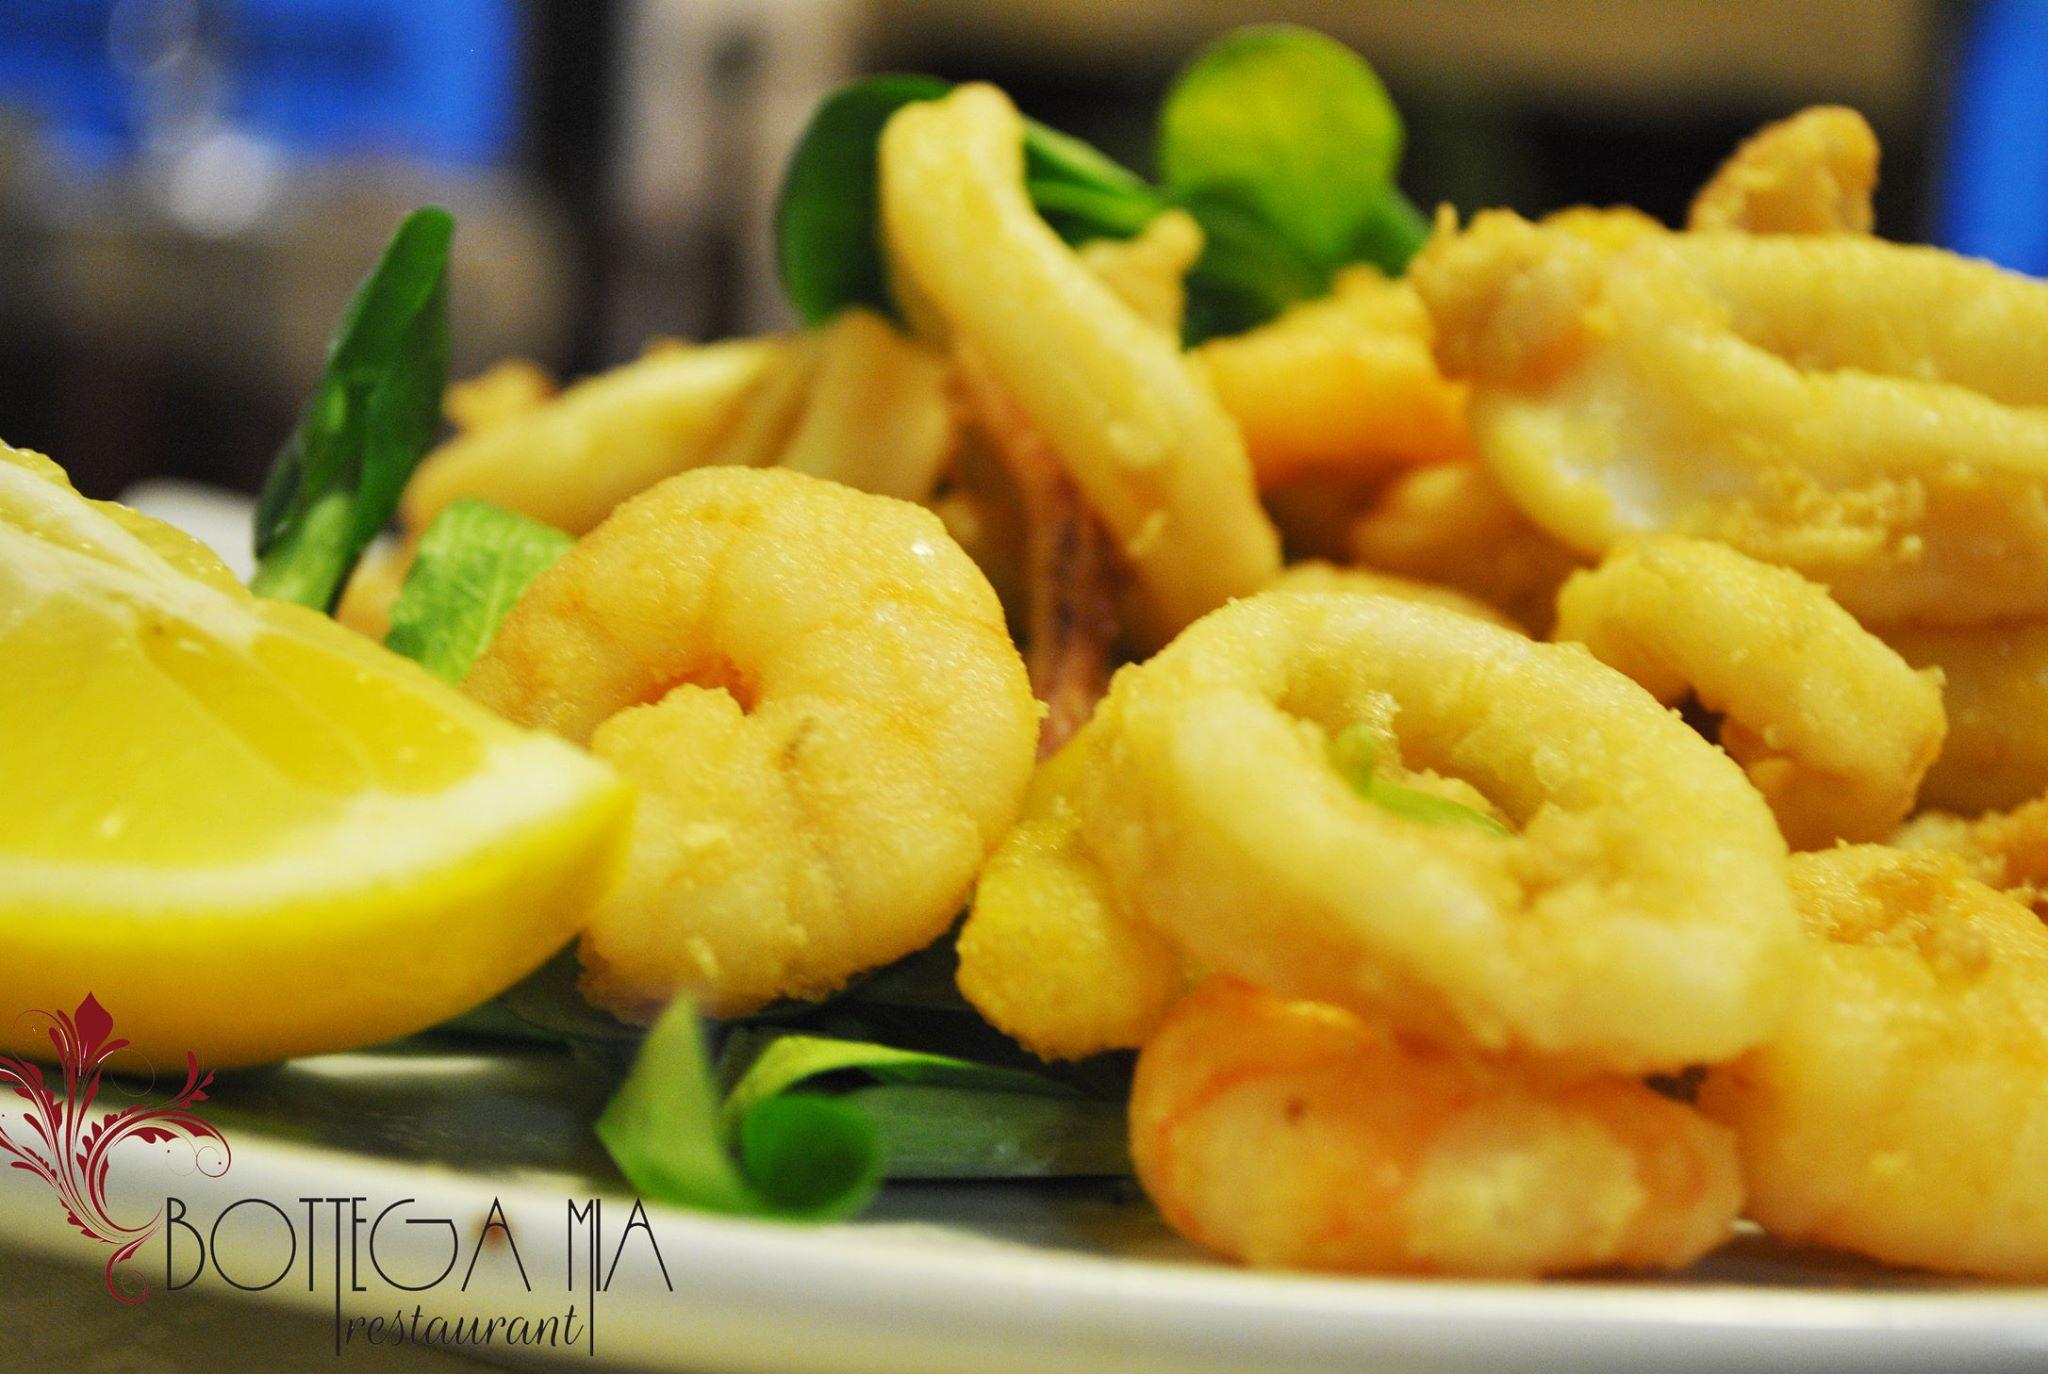 Piatti del ristorante Bottega Mia a Torino